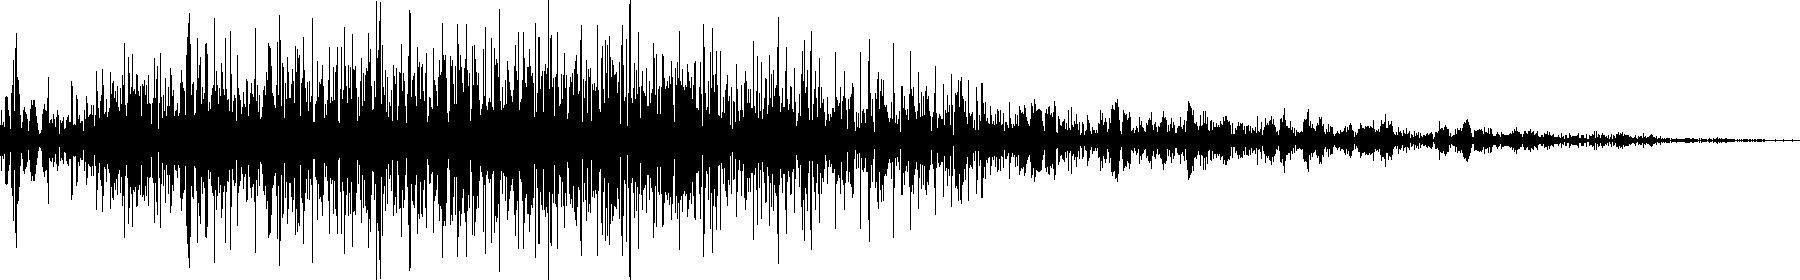 veh2 synths   010 c